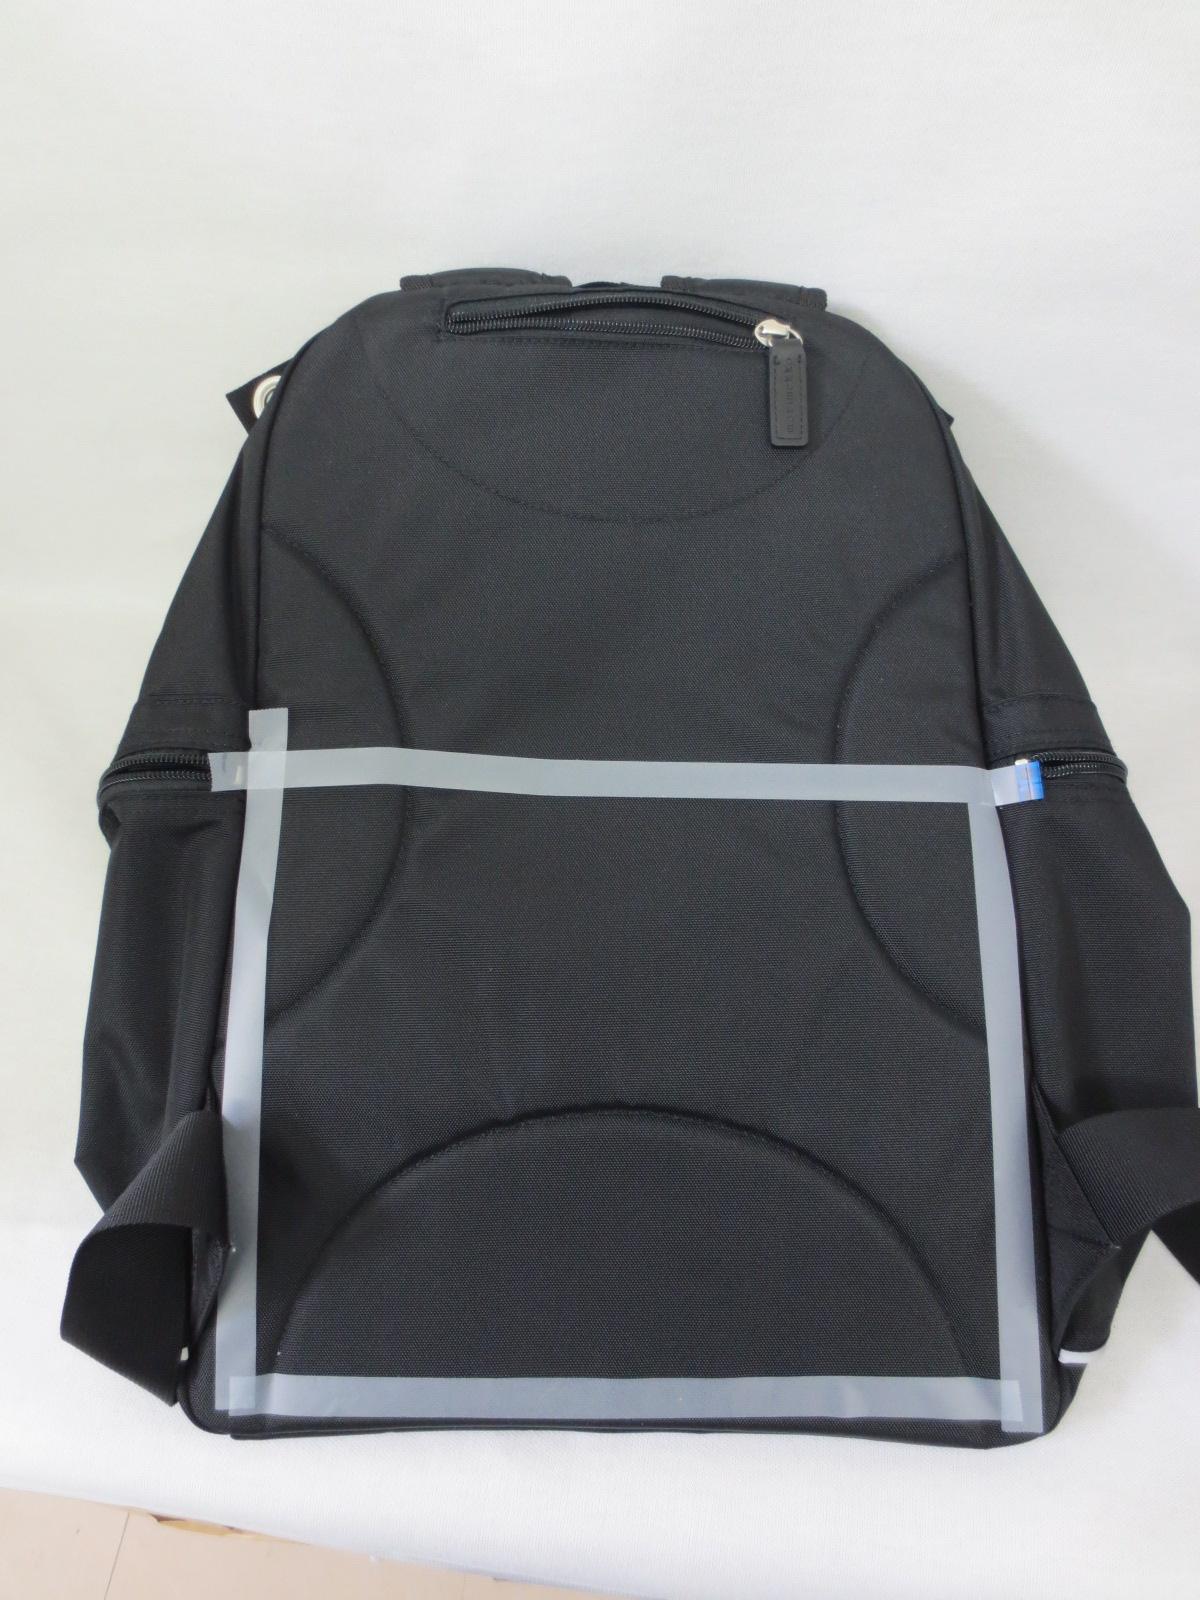 リュックの白枠の位置にポケットを作製